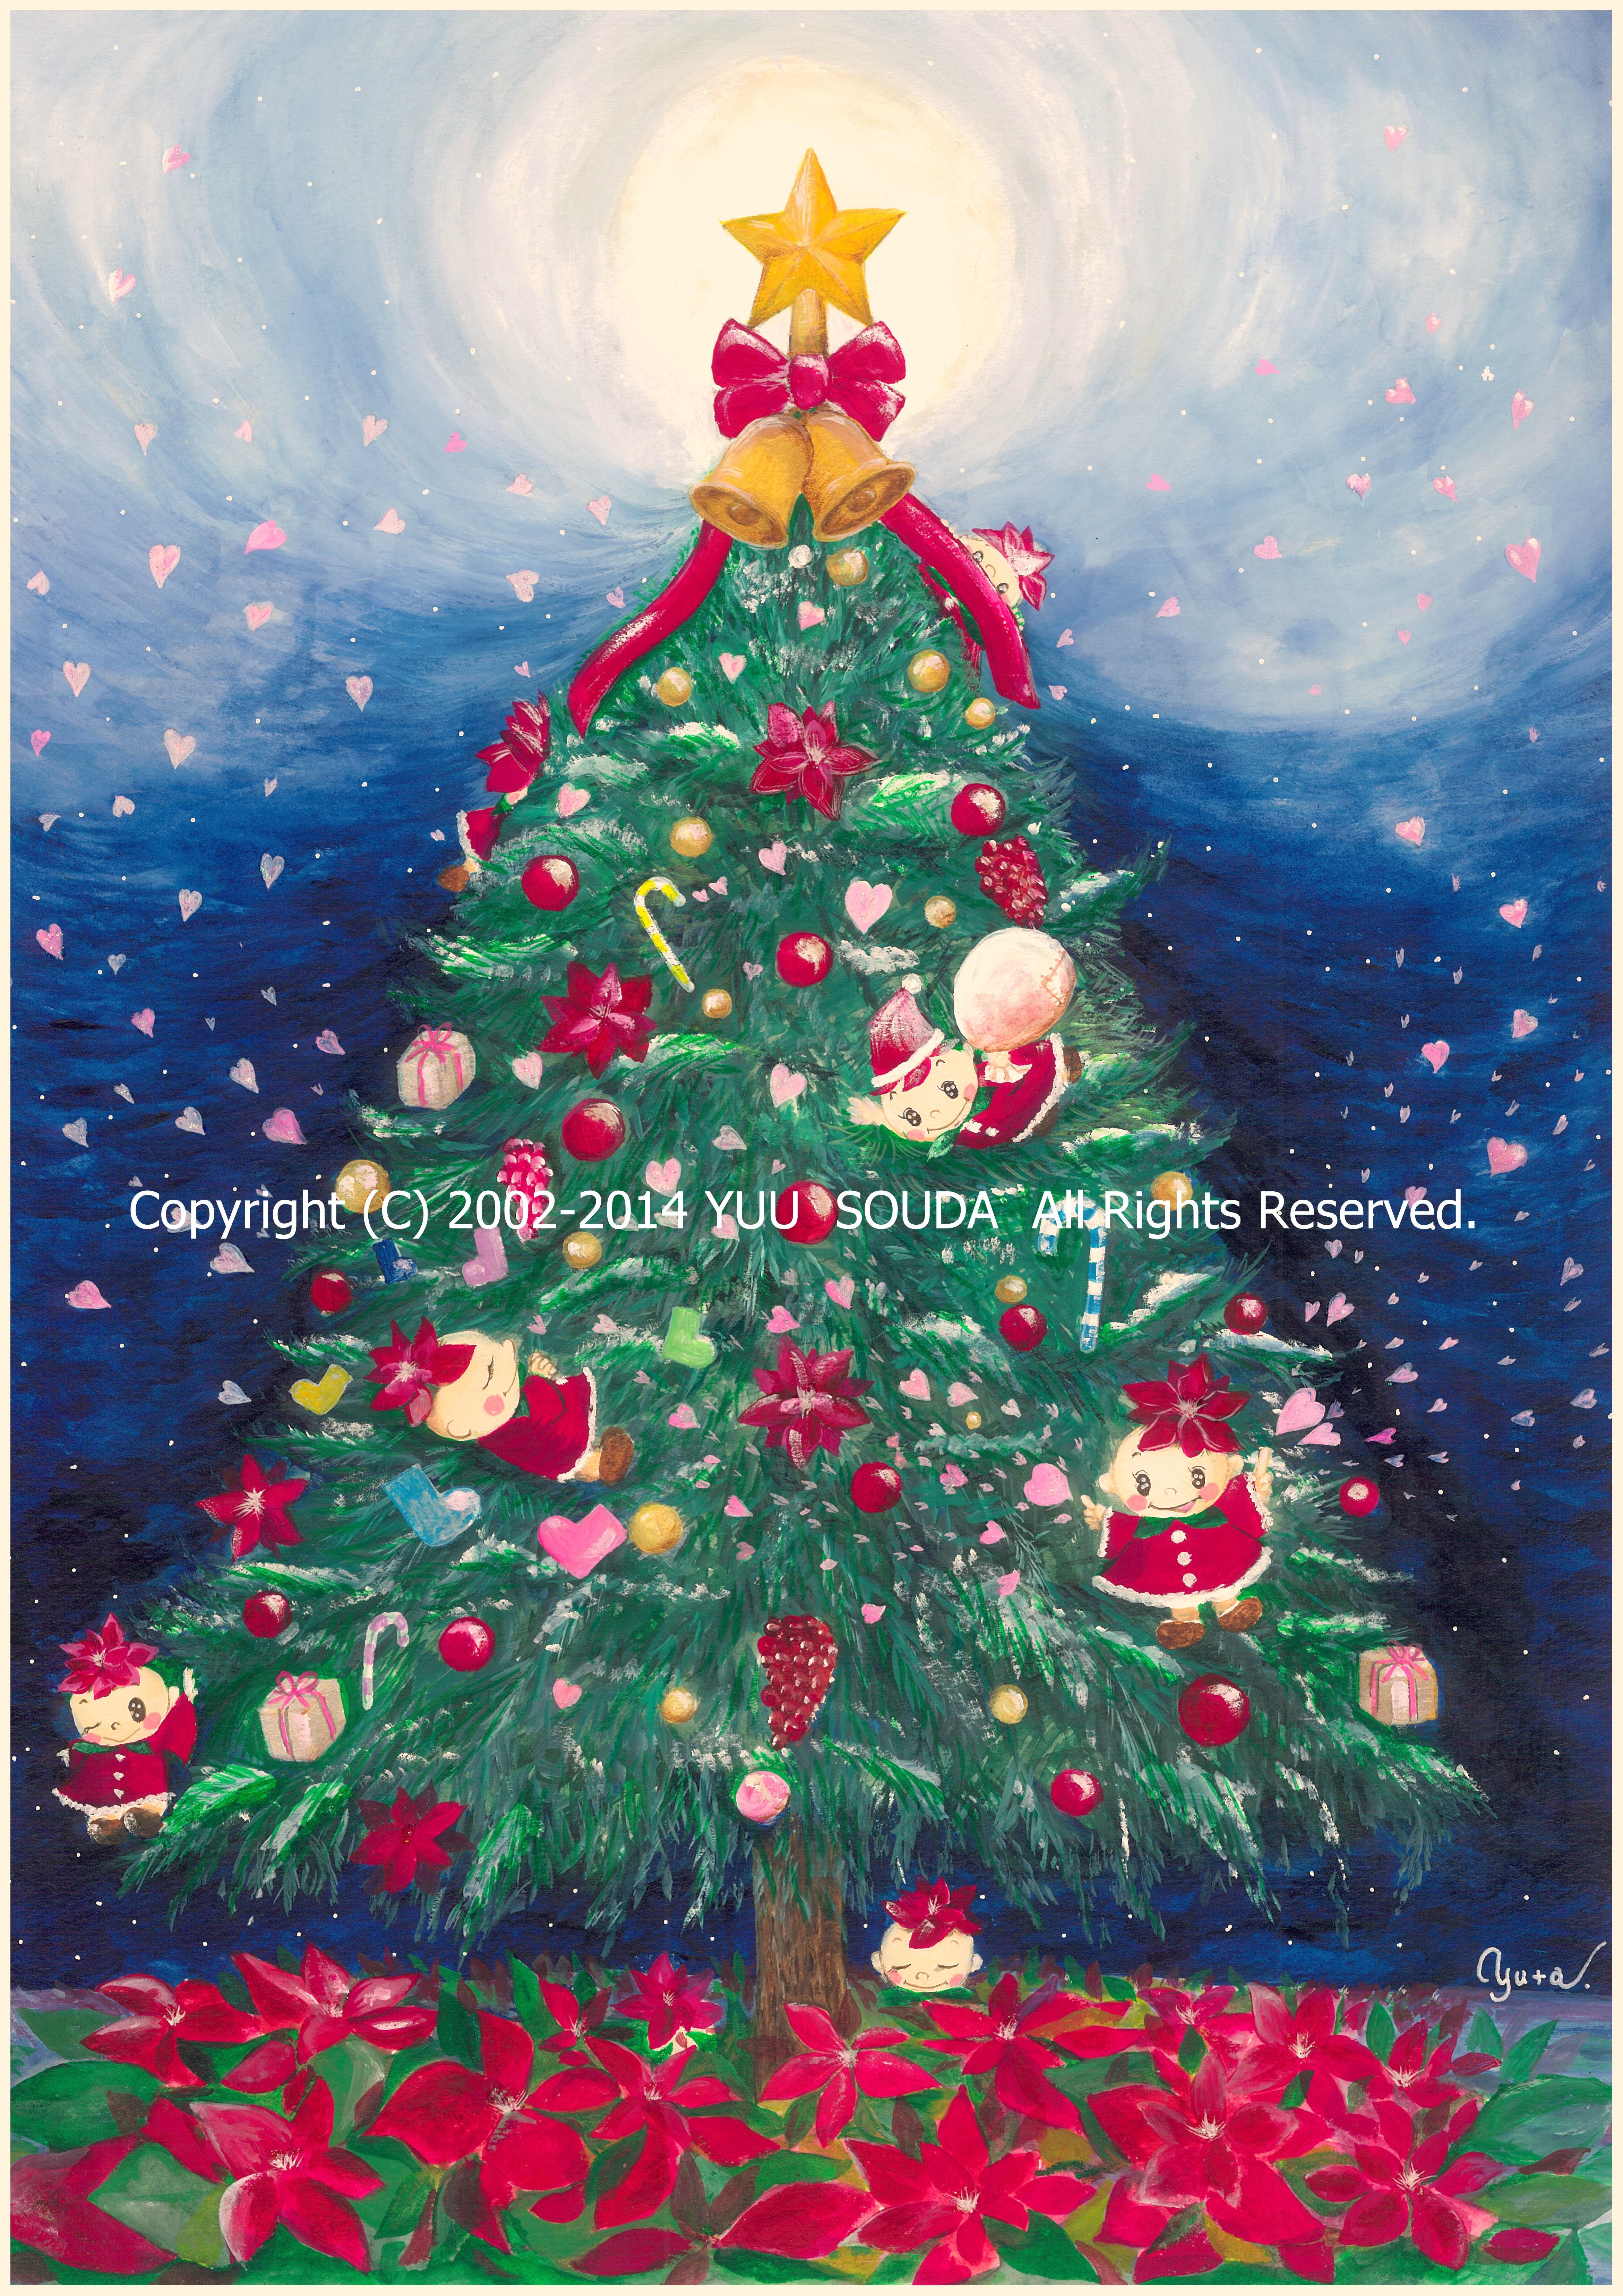 「 happyふらちゃのクリスマスツリー 」2013年